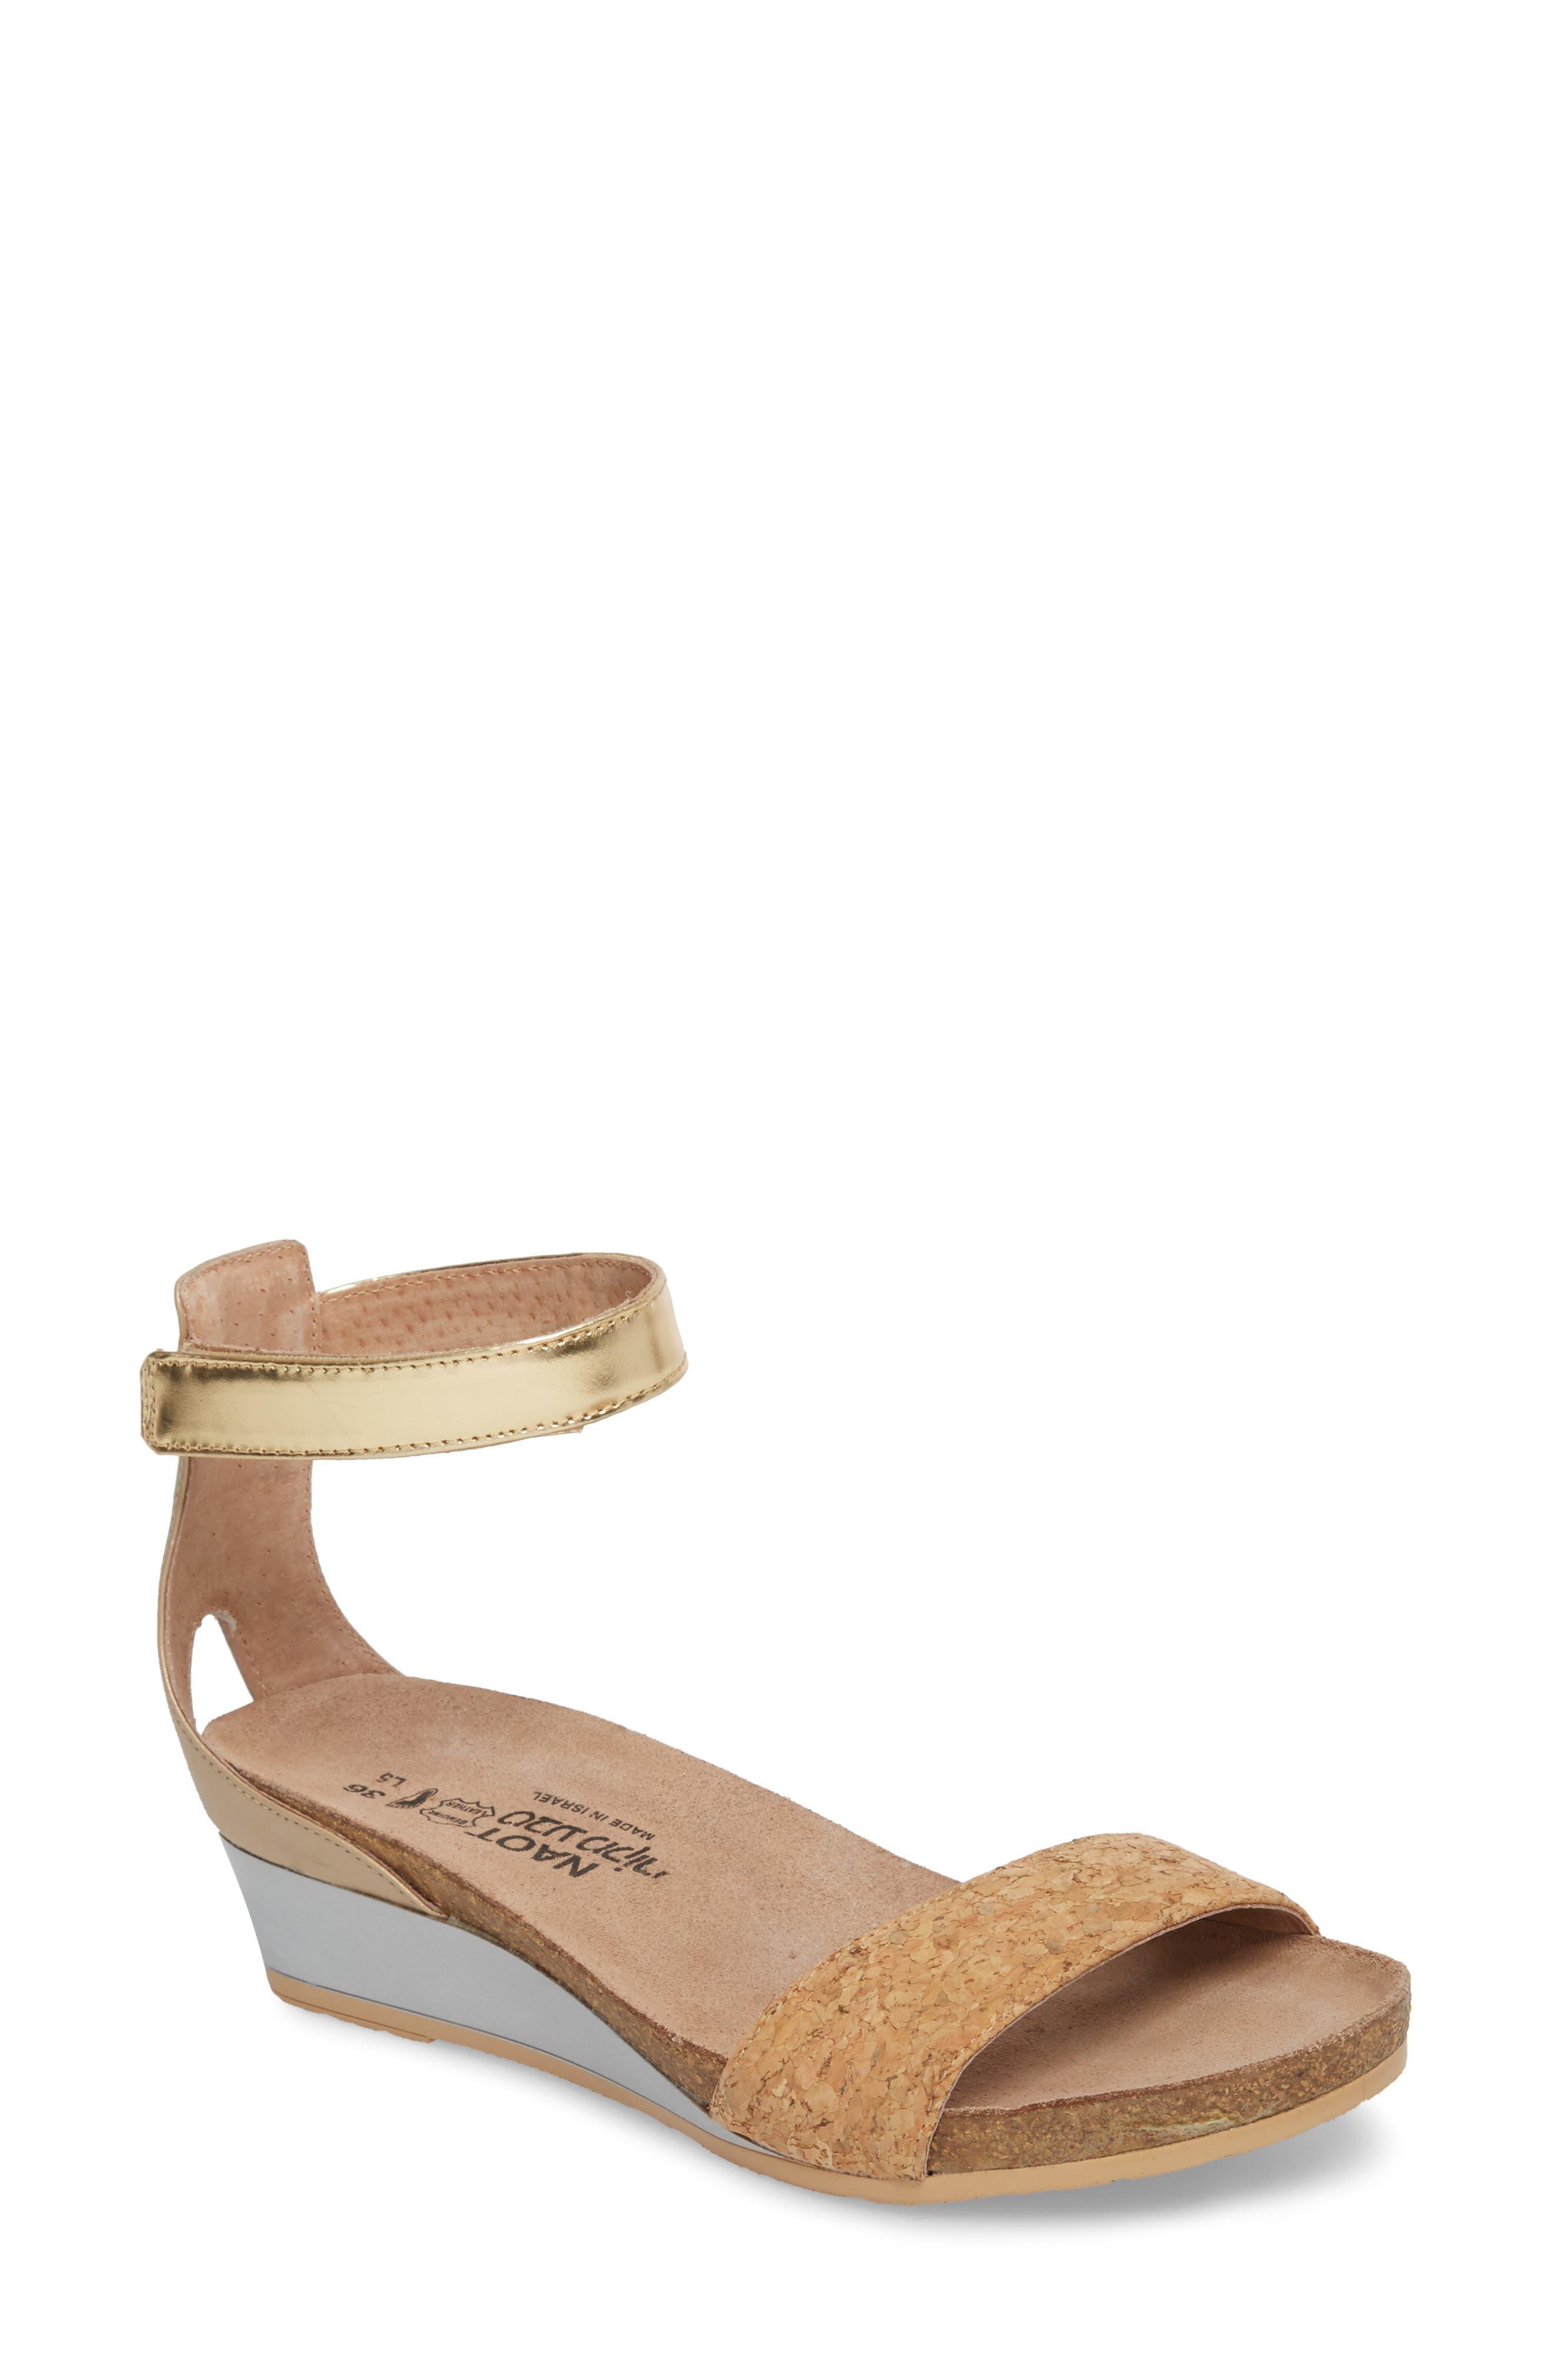 'Pixie' Sandal,                             Main thumbnail 1, color,                             Cork Leather